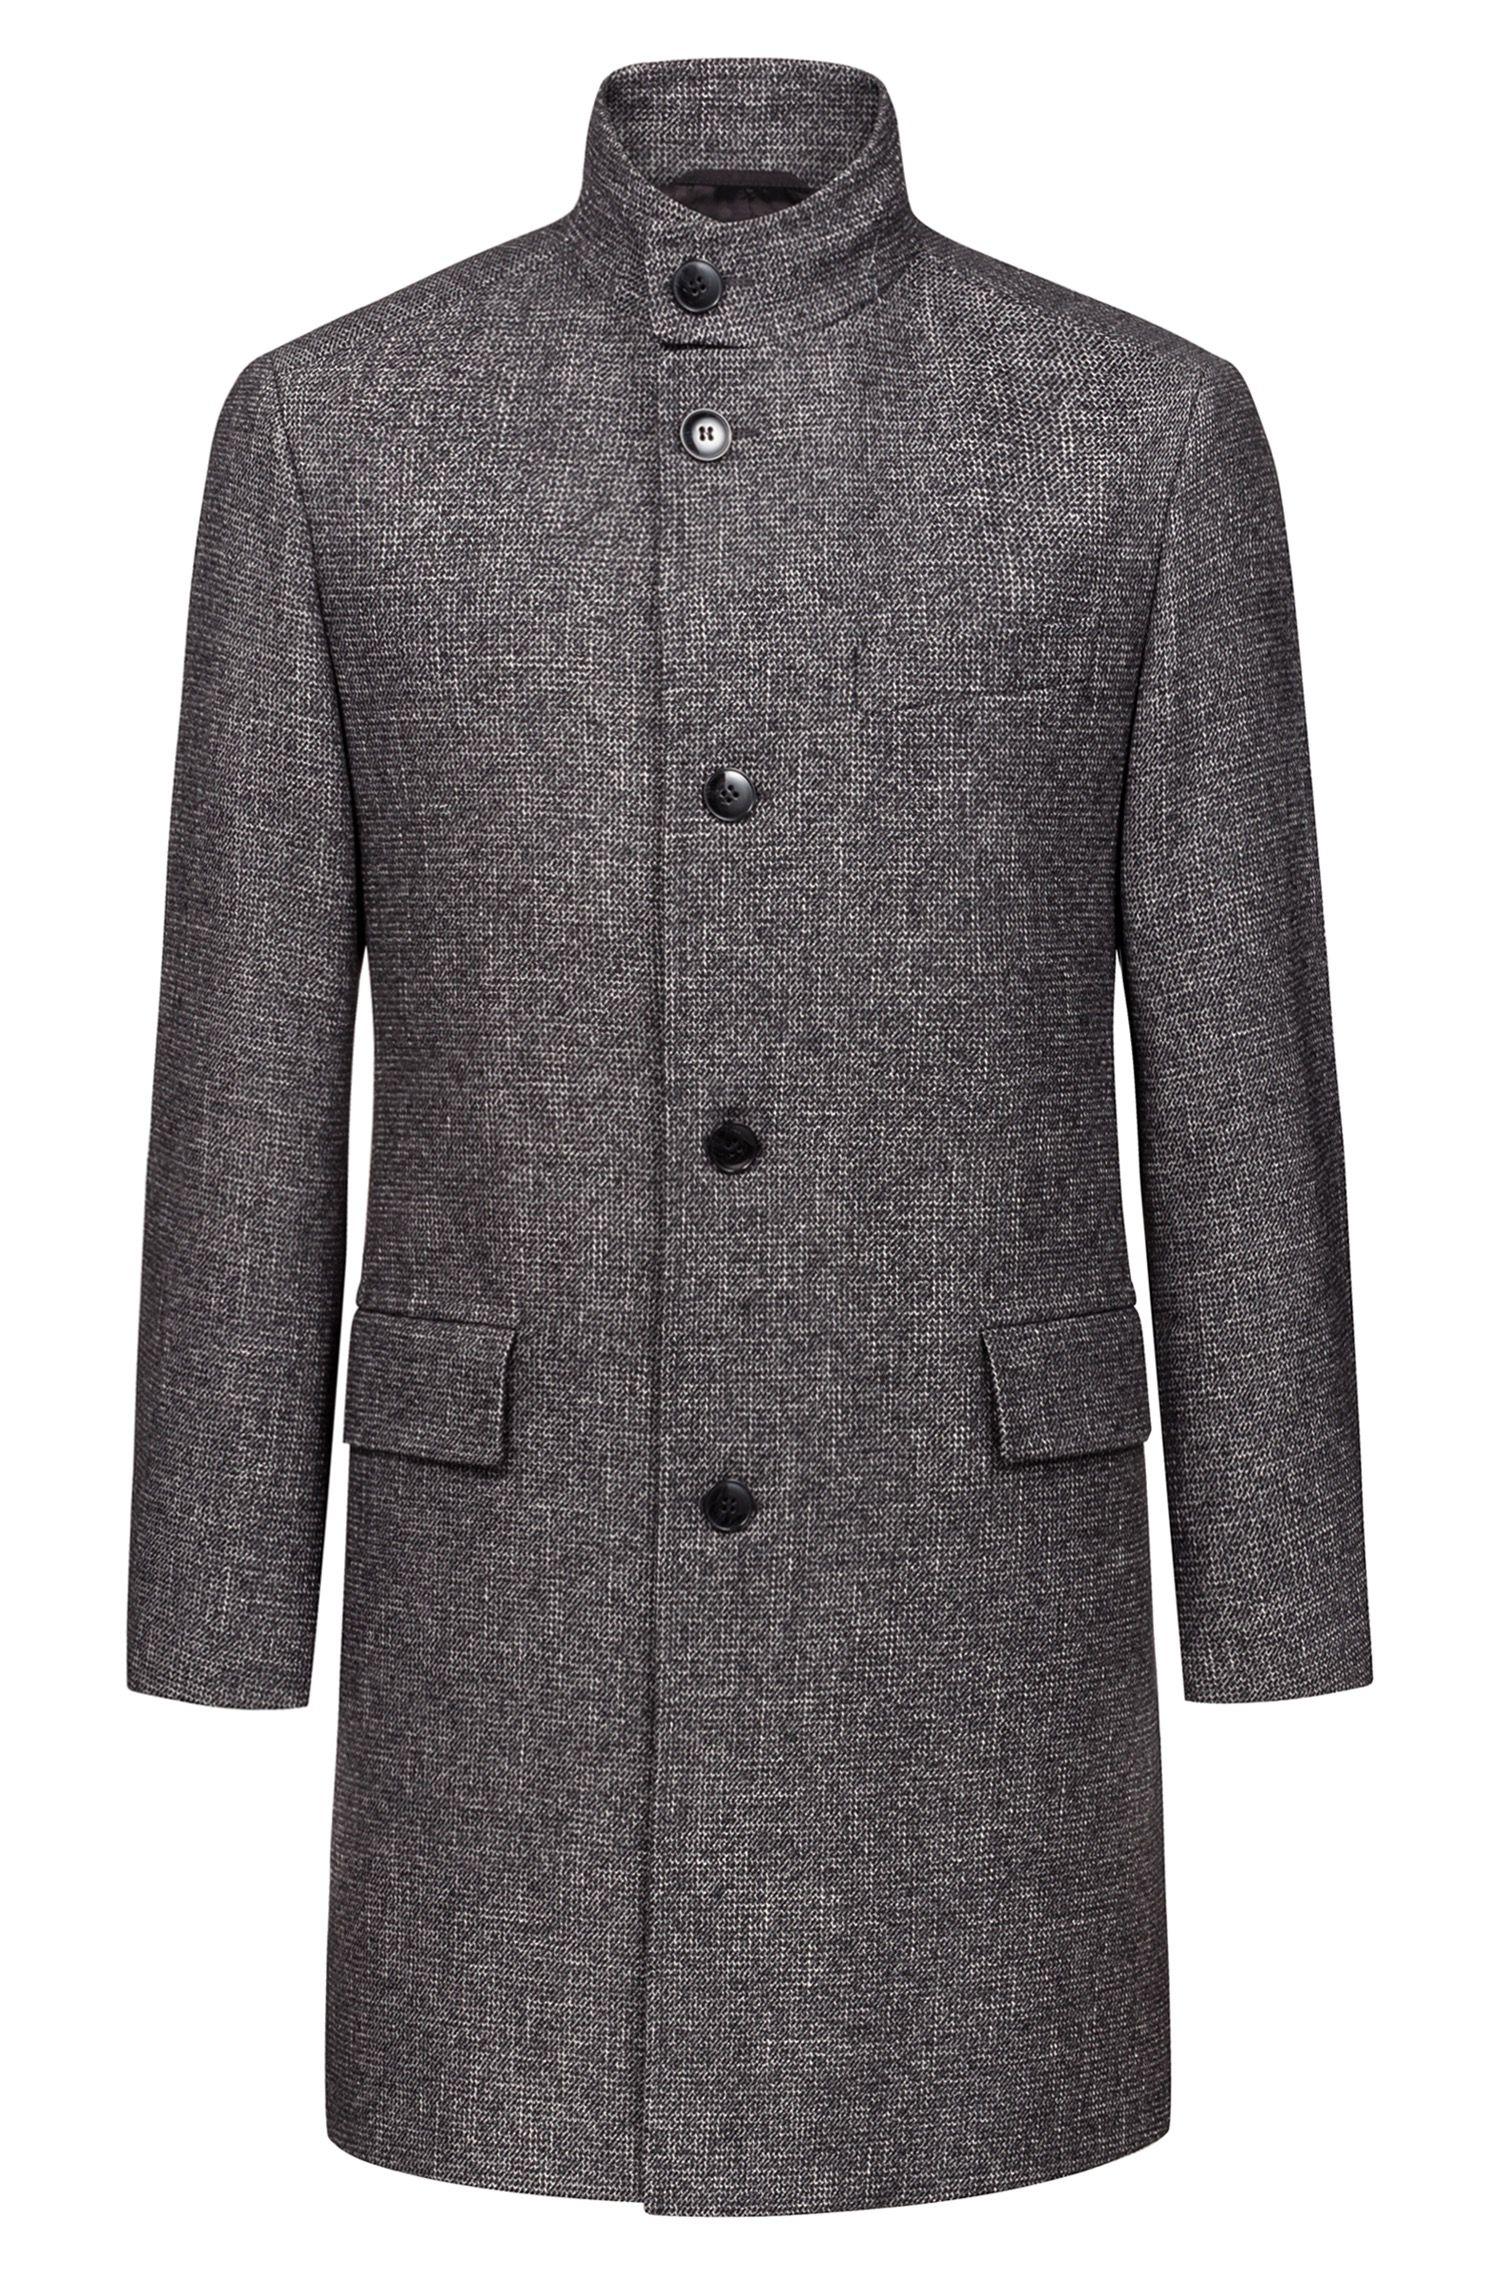 Abrigo regular fit con microestampado integral, Gris oscuro